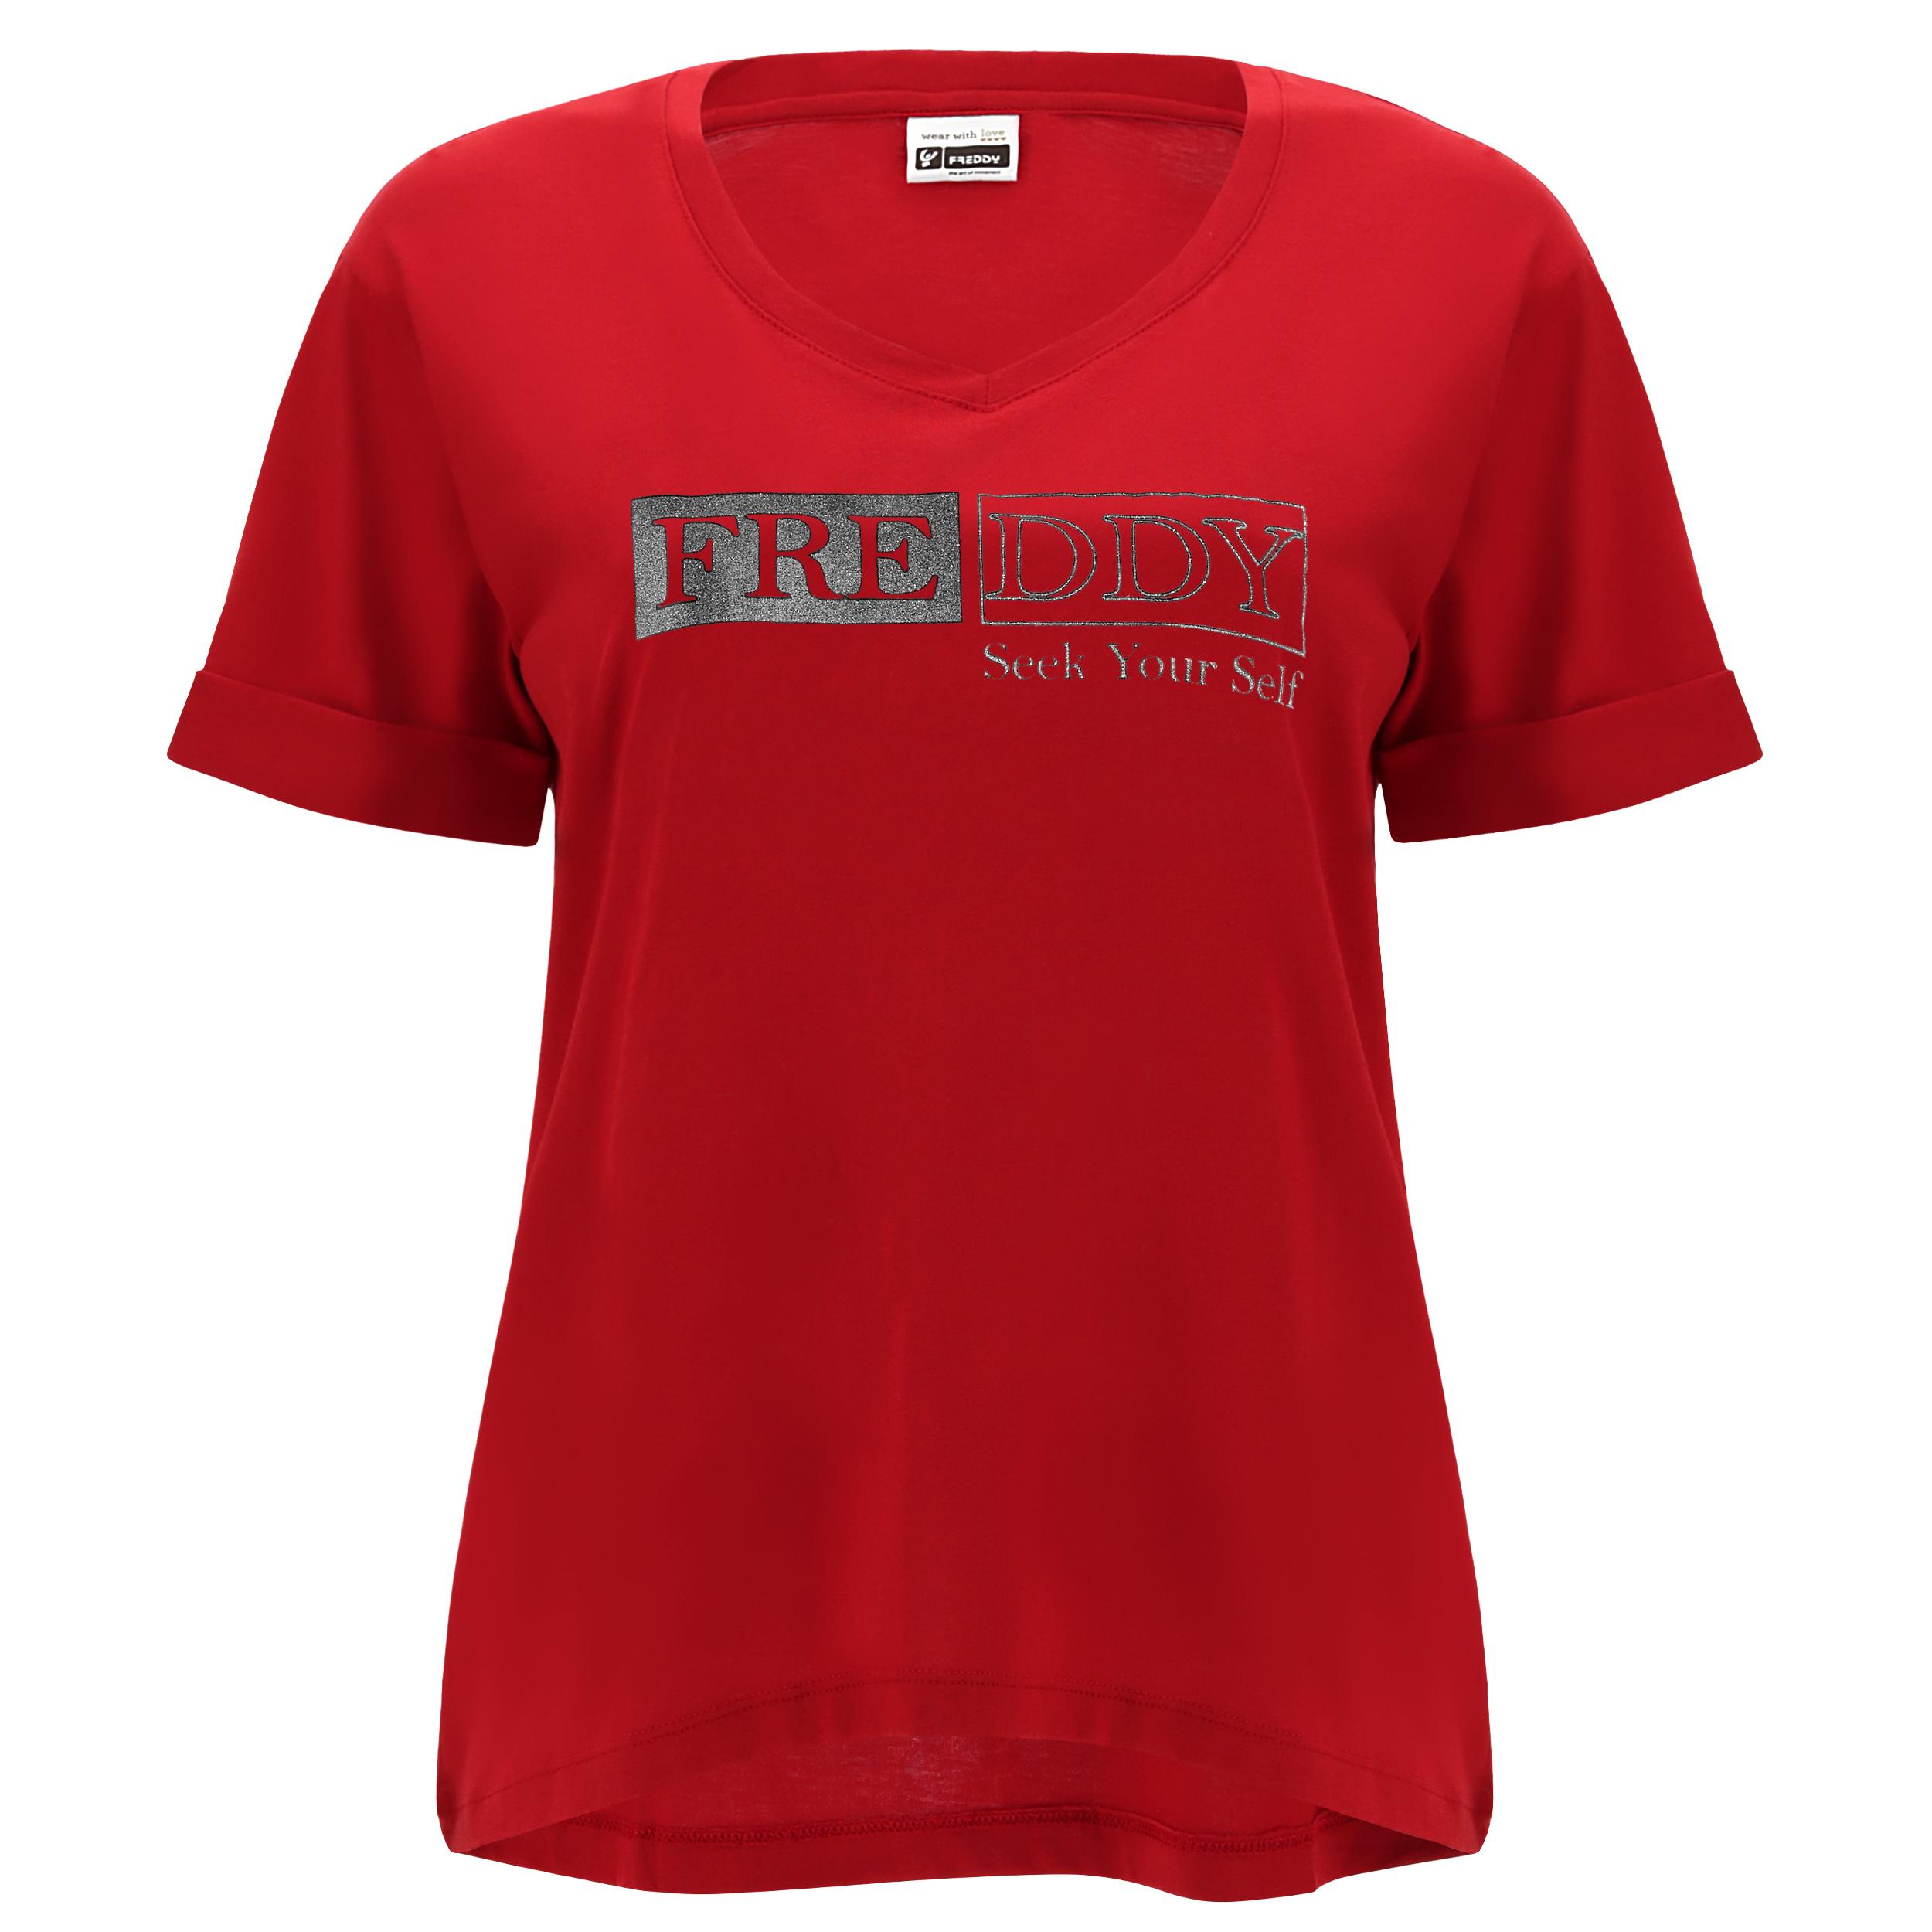 T-shirt taglio morbido e stampa SEEK YOUR SELF